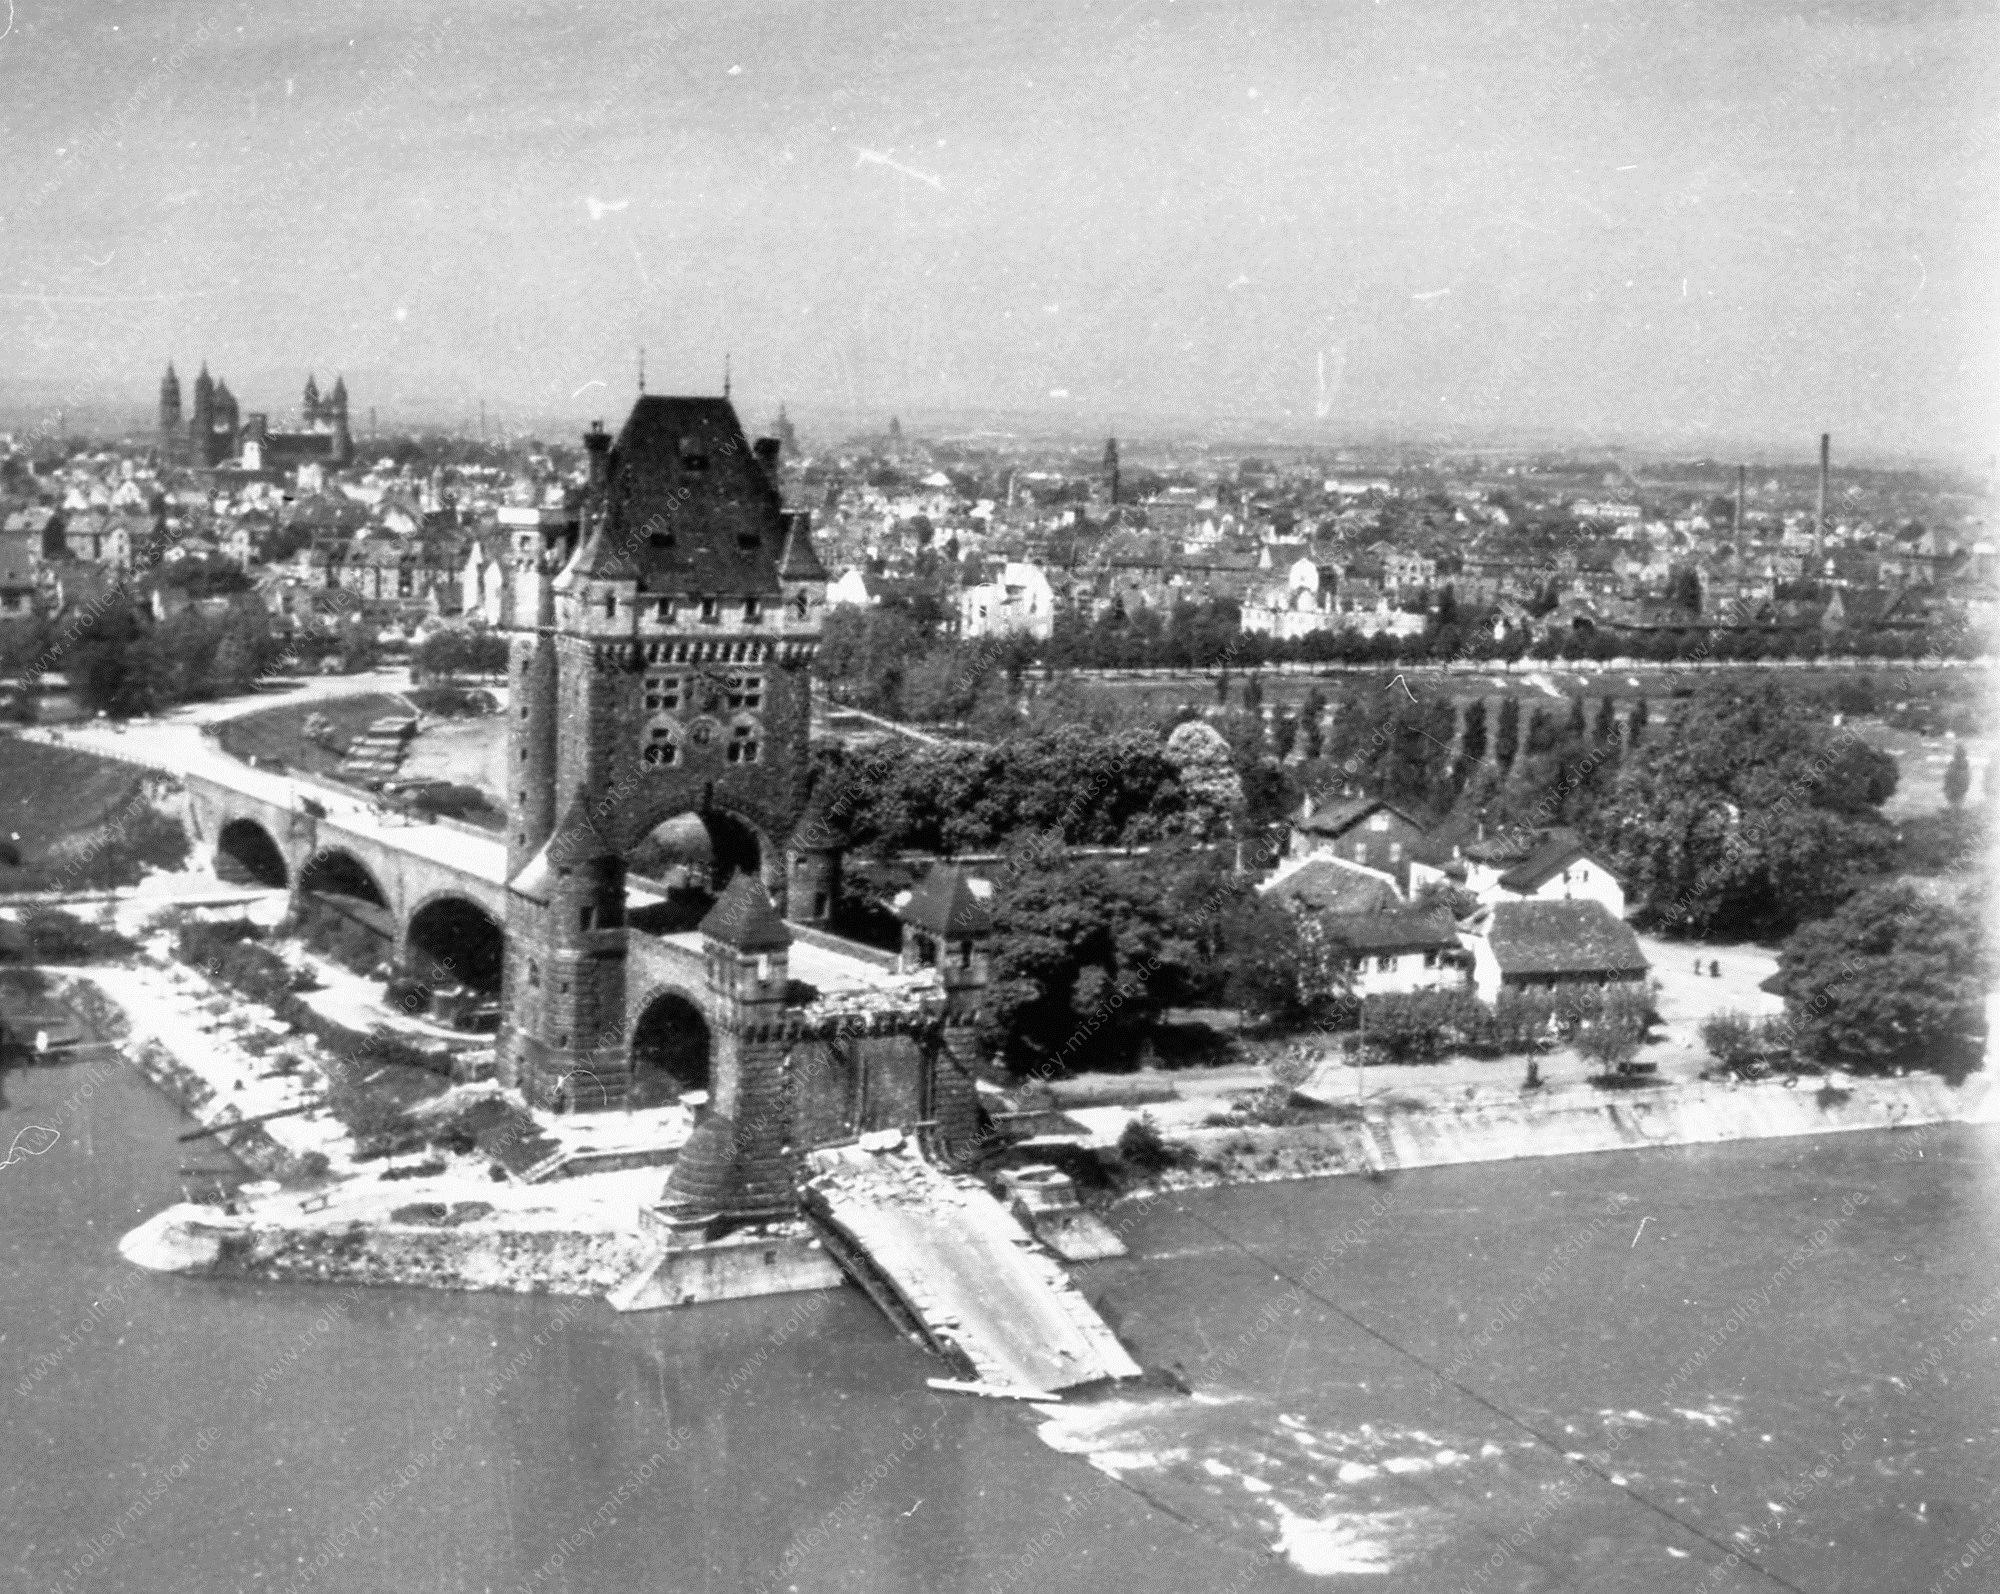 Luftbild des Brückenturmes der alten Ernst-Ludwig-Brücke über den Rhein in Worms